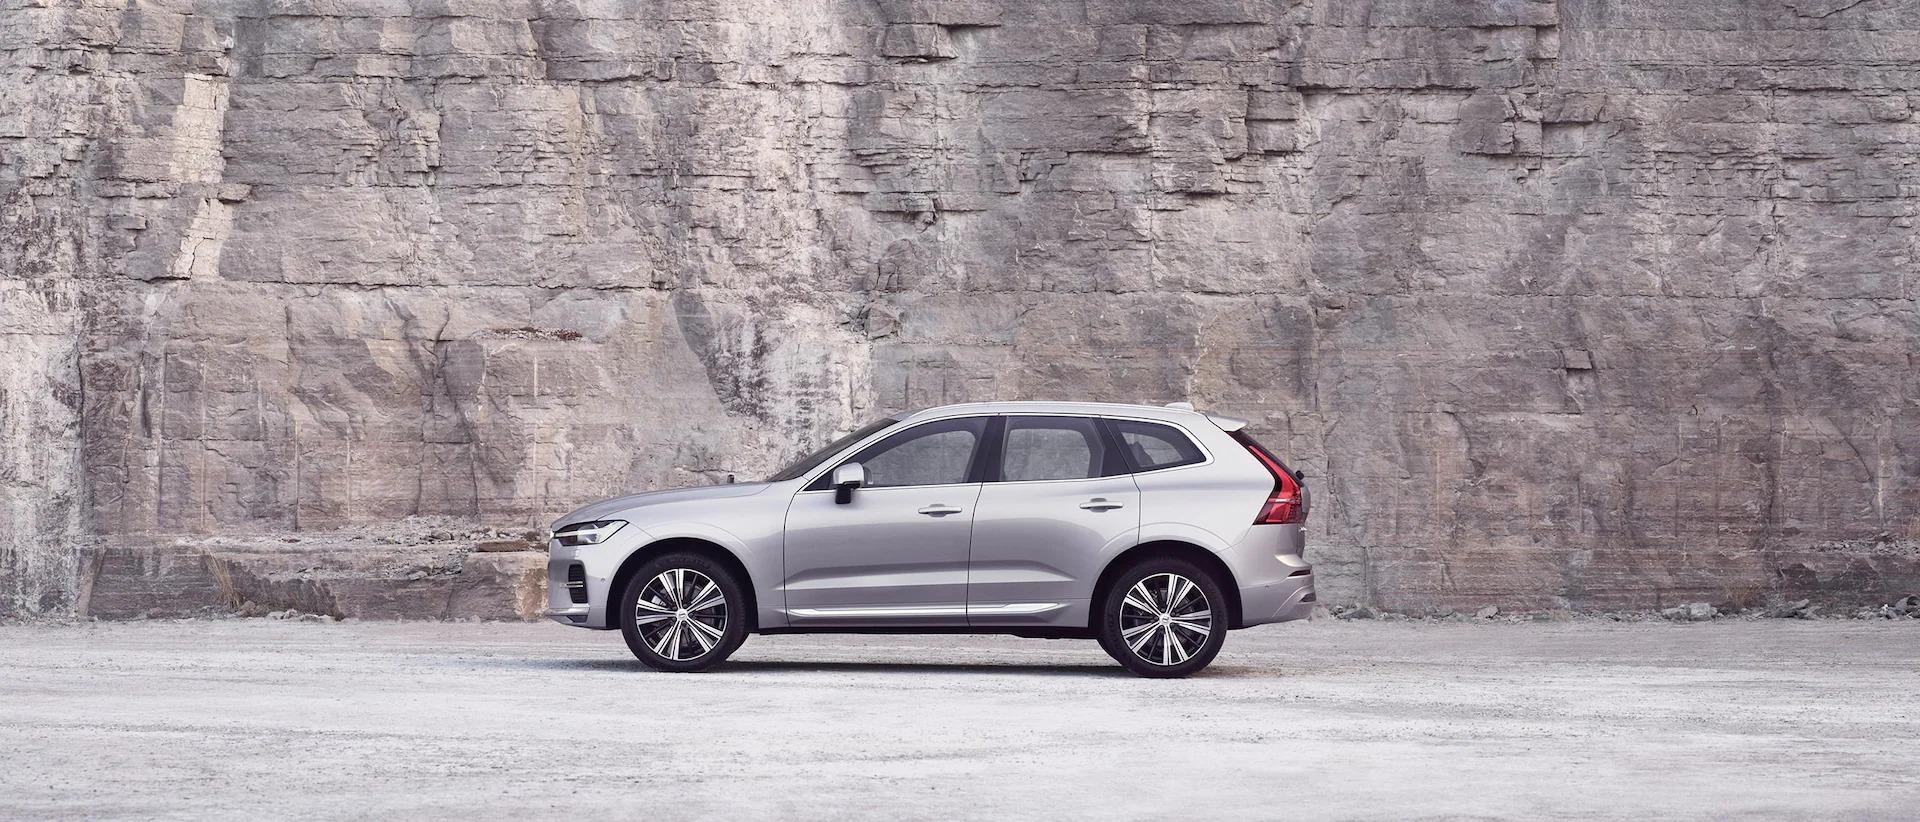 화이 Volvo XC60가 검은색 배경에 주차되어 있는 모습